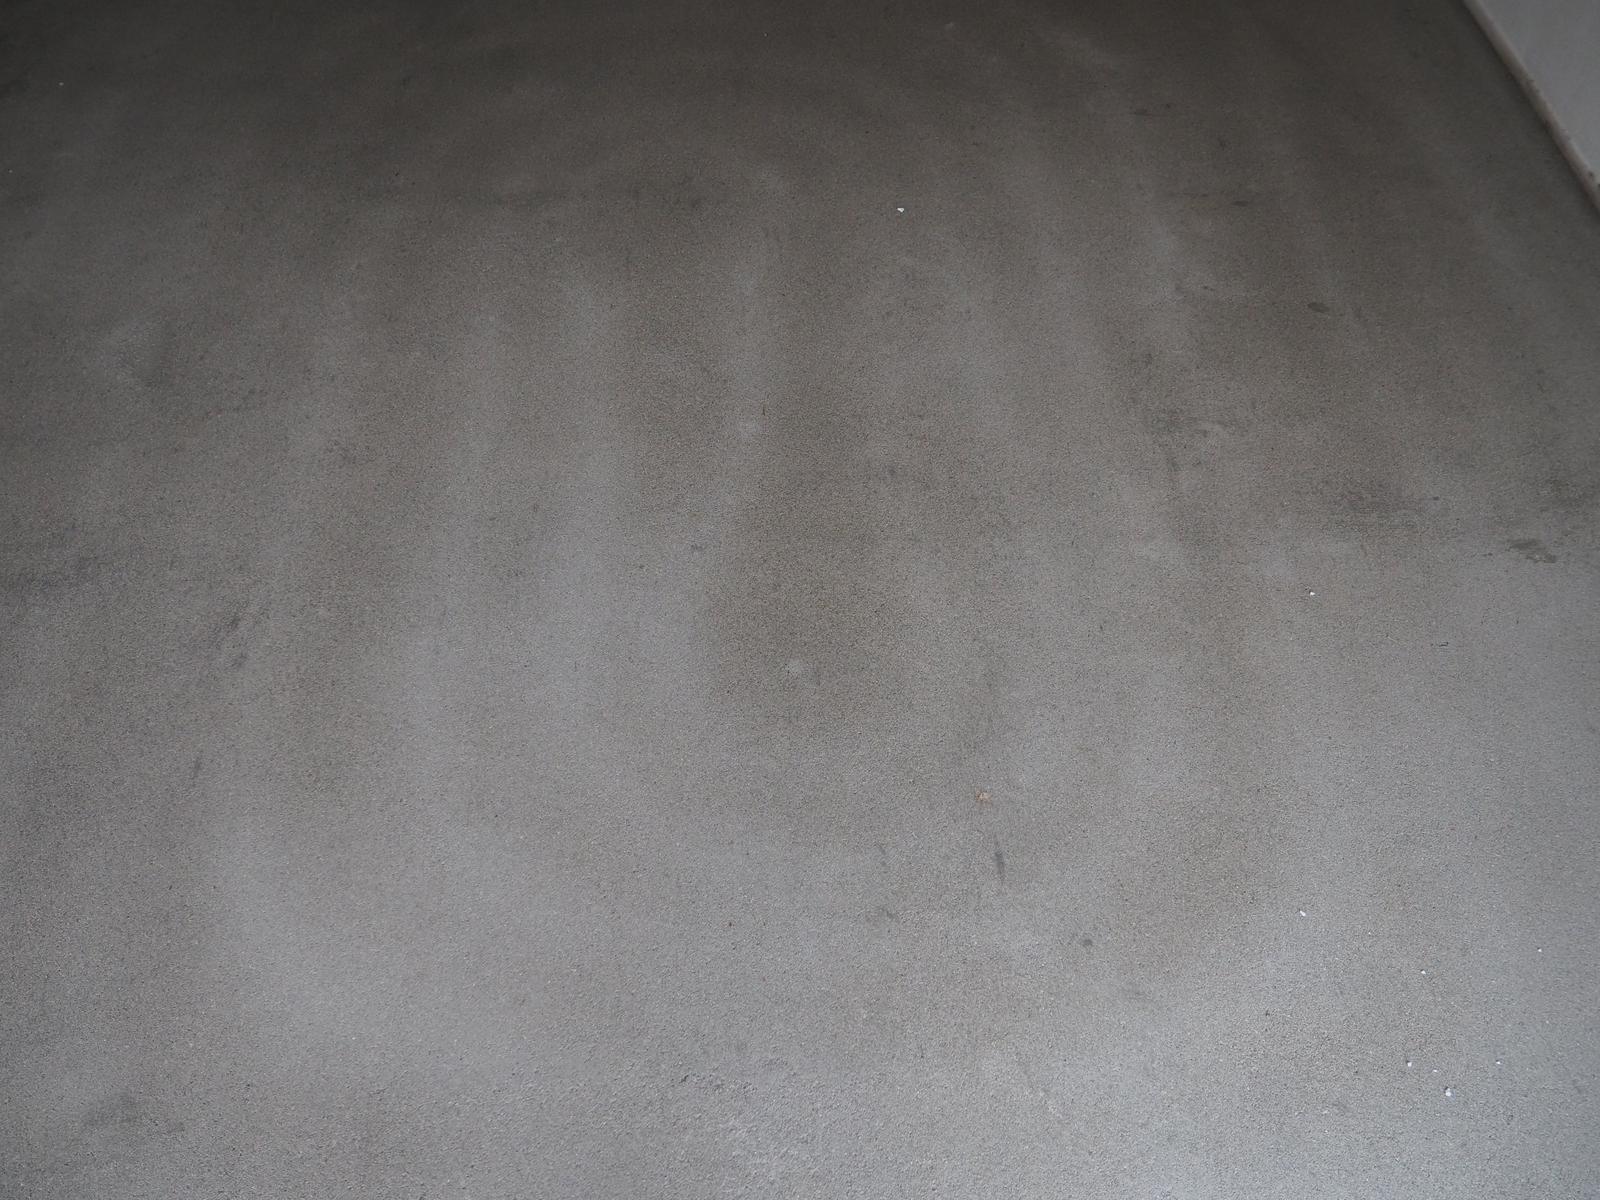 Senec šírka 8,5m - sušíme beton